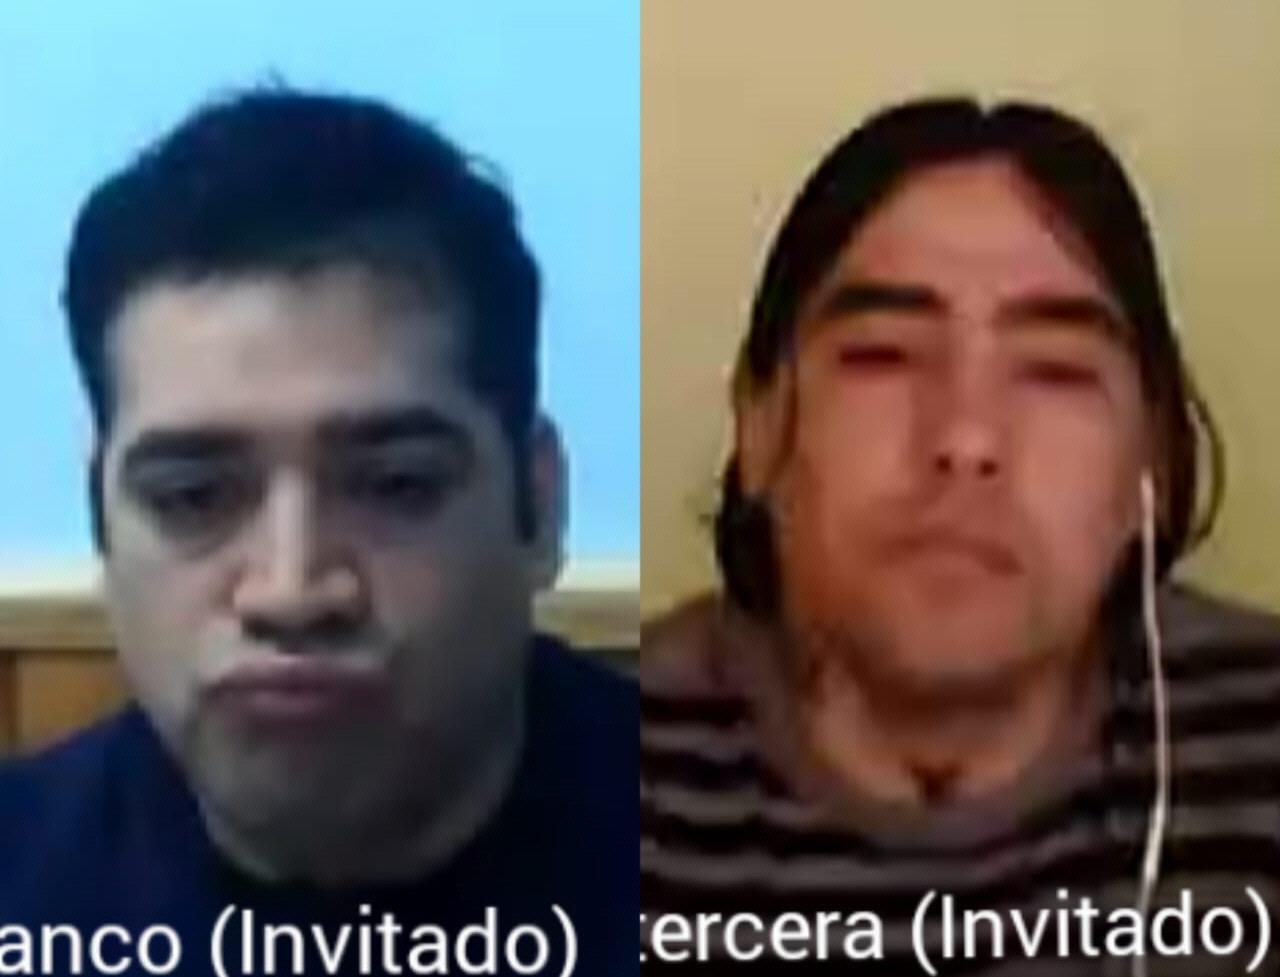 Franco y Horacio Herrera en el debate oral por videoconferencia. FOTO: CAPTURA DE VIDEO